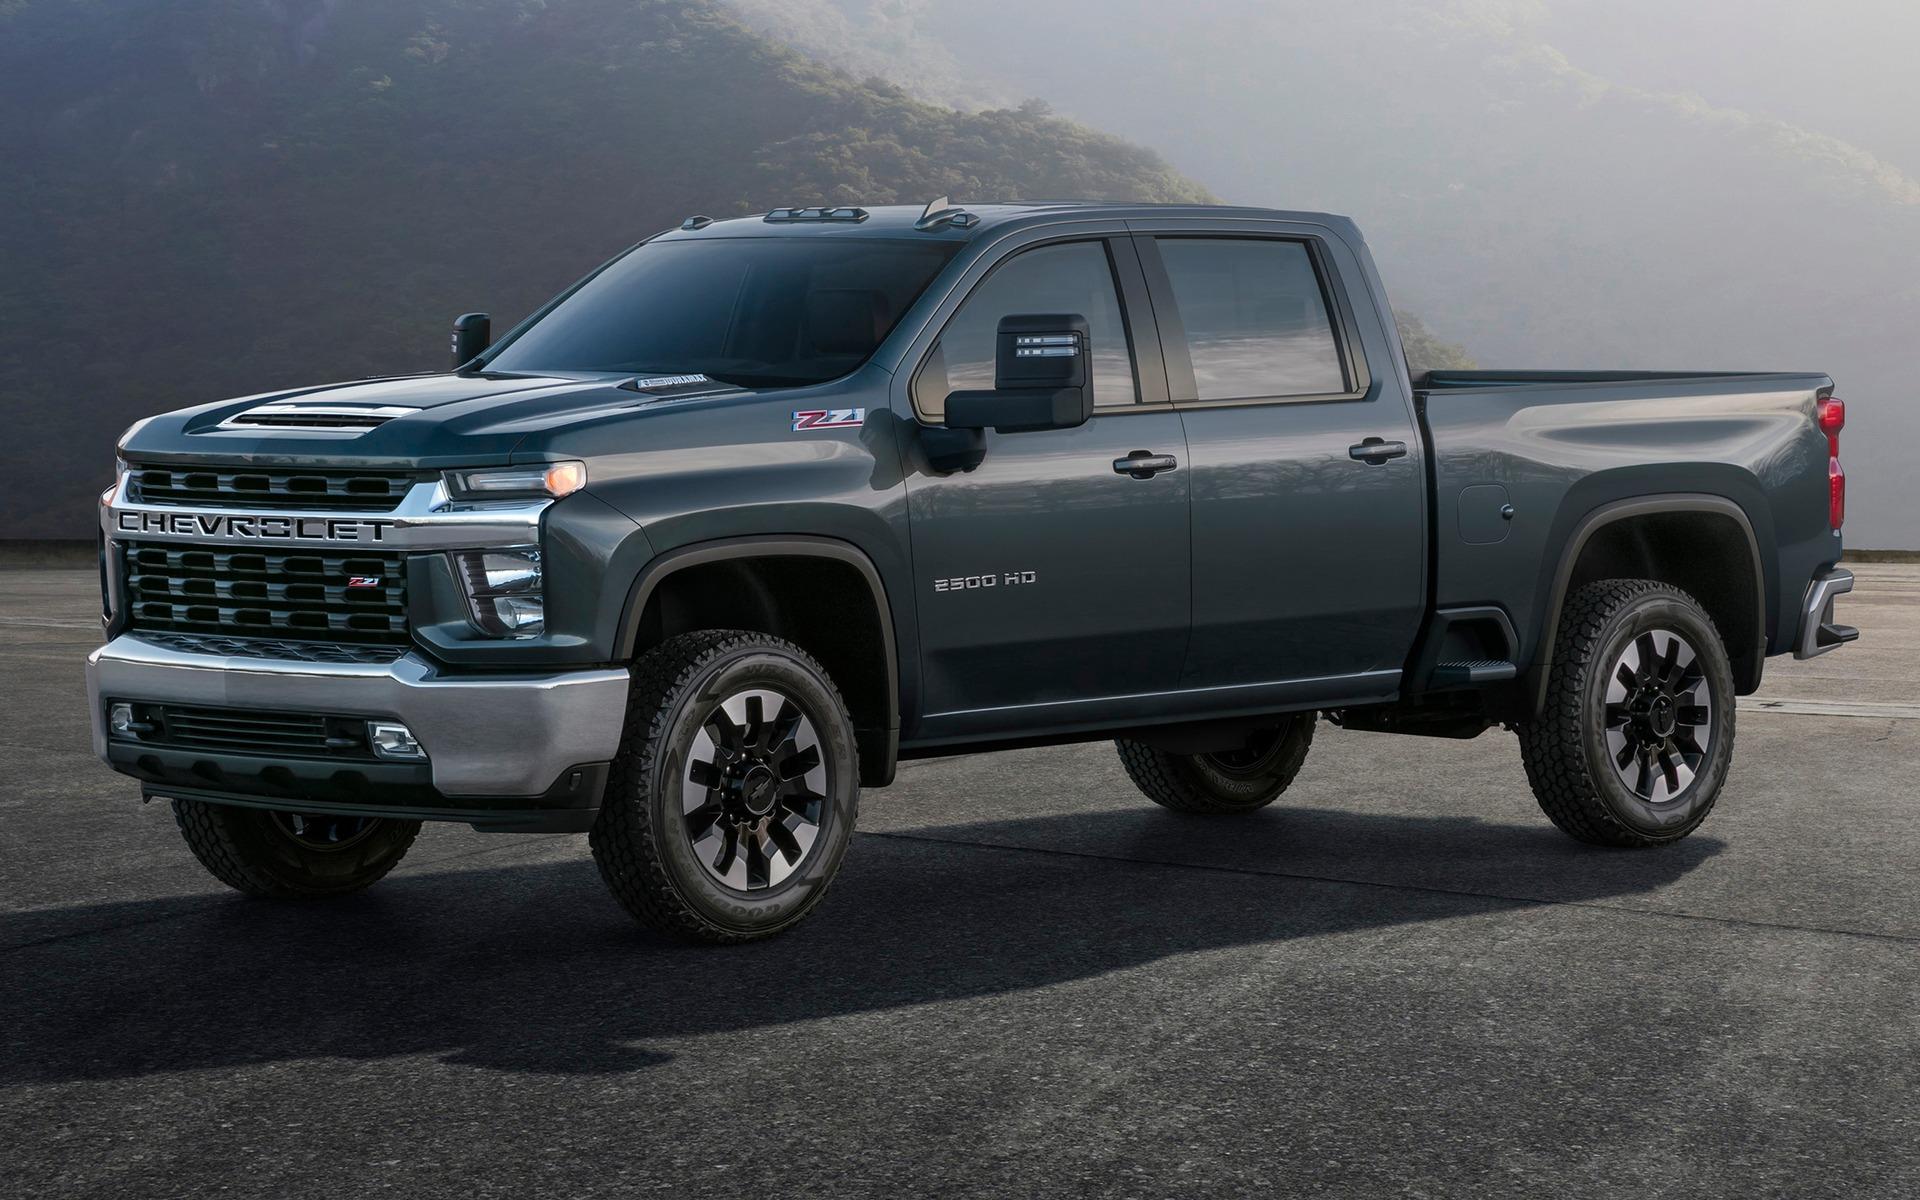 Le Chevrolet Silverado HD 2020 n'a pas l'air content 359479_Le_Chevrolet_Silverado_HD_2020_n_a_pas_l_air_content